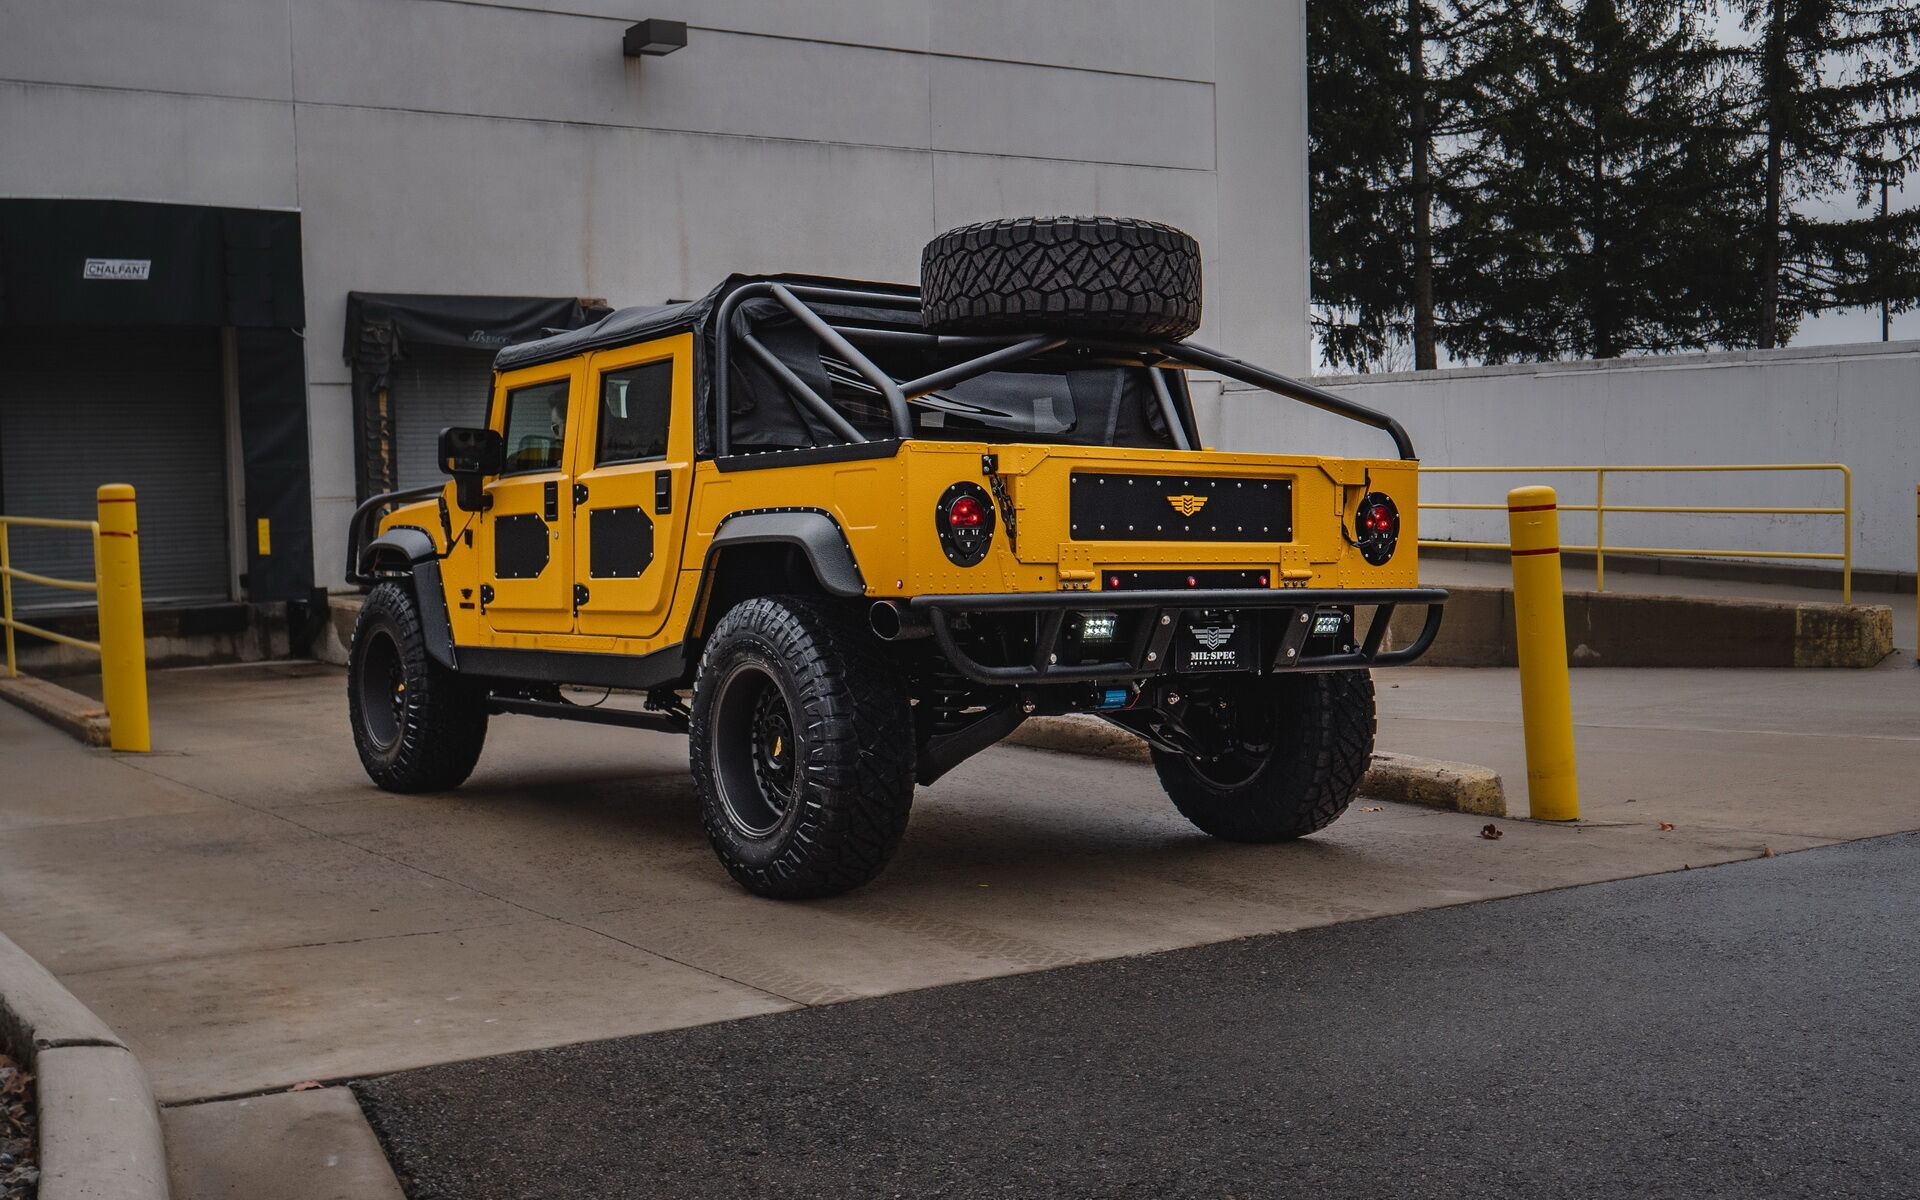 Hummer M1-R Mil-Spec оброблений яскраво-жовтою фарбою